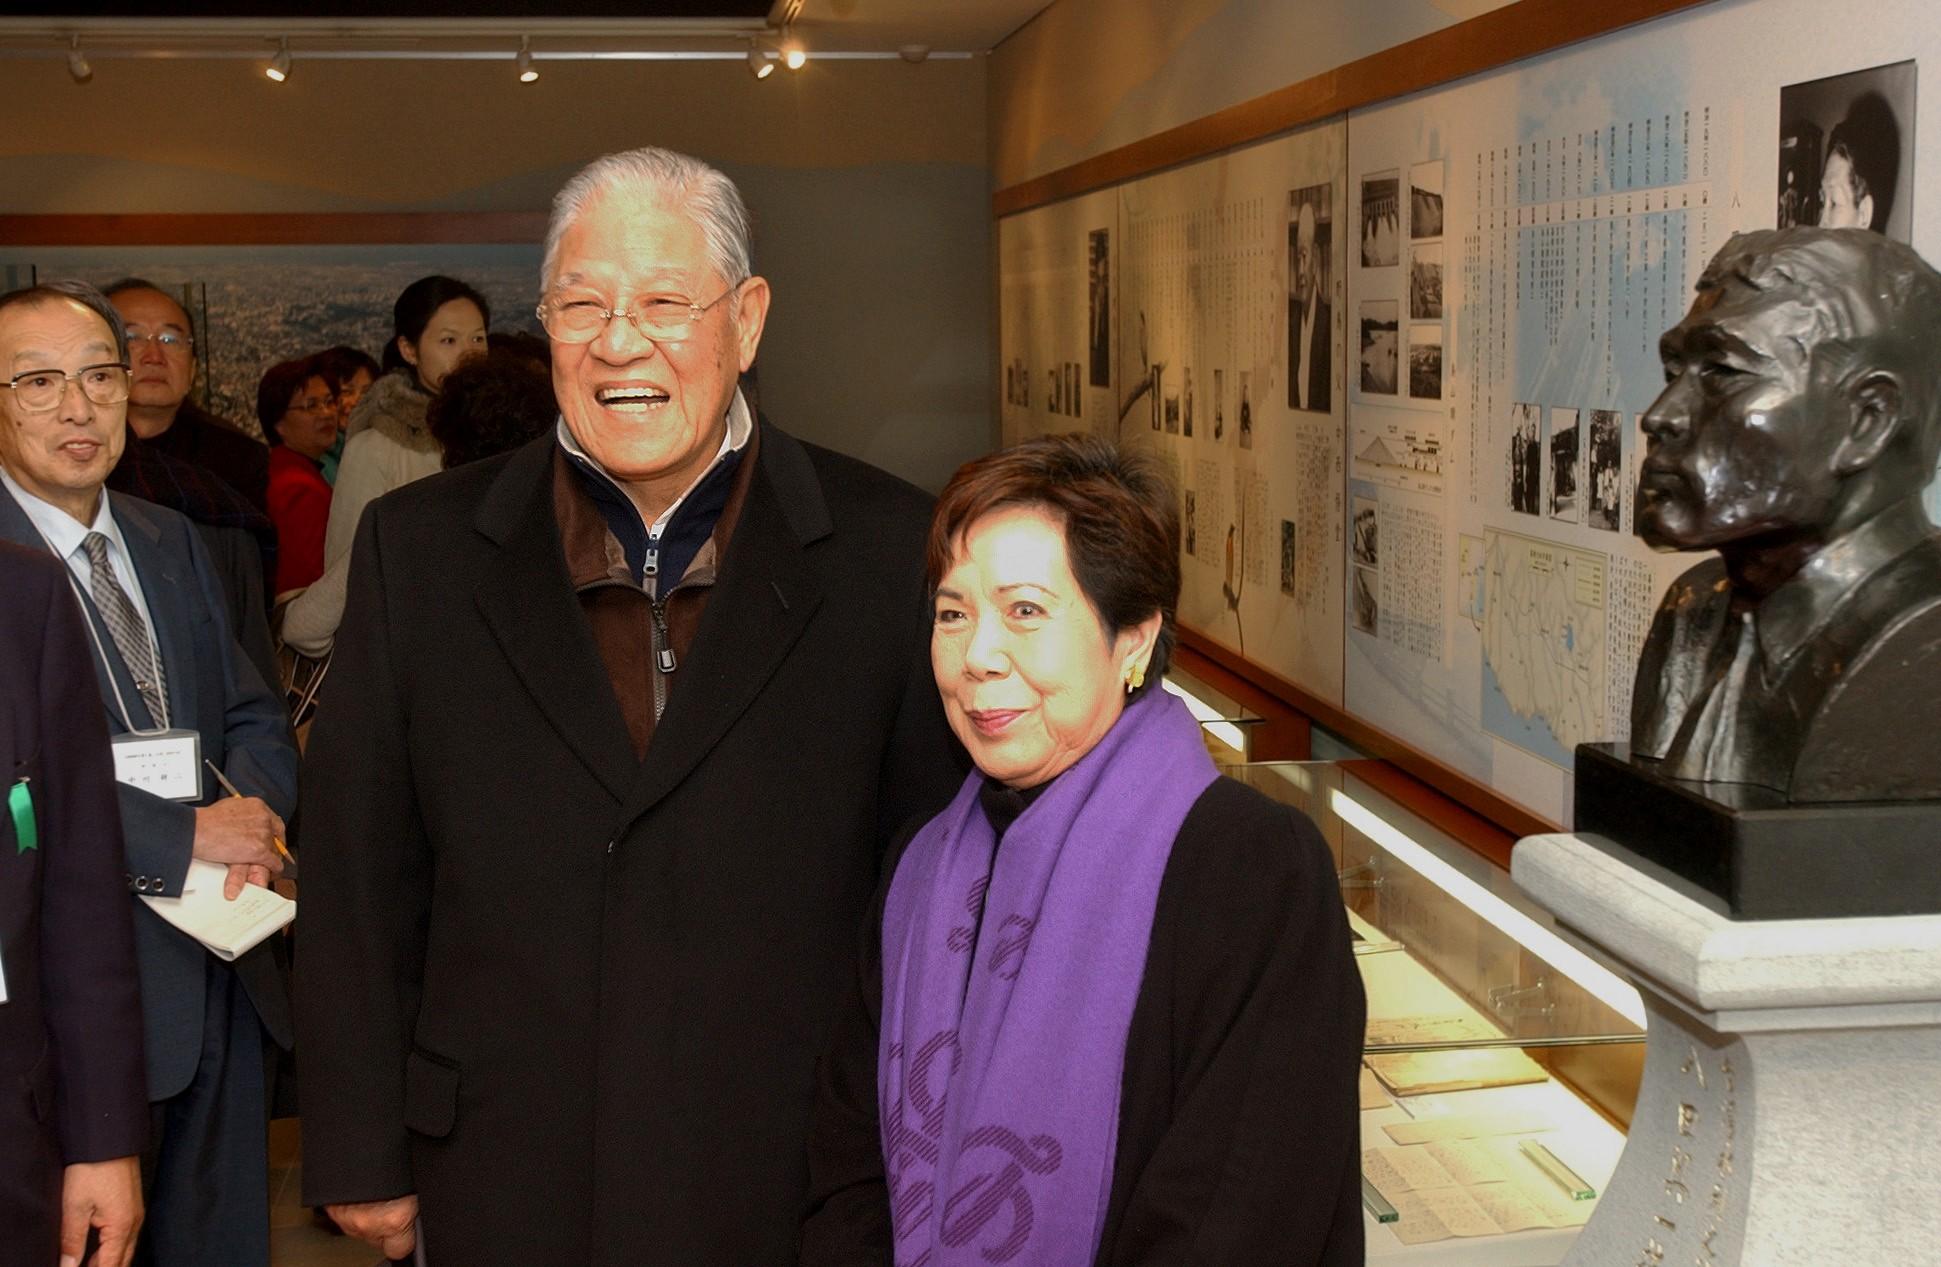 八田與一の胸像と記念撮影する李登輝・元台湾総統夫妻=2004年12月、金沢市のふるさと偉人館